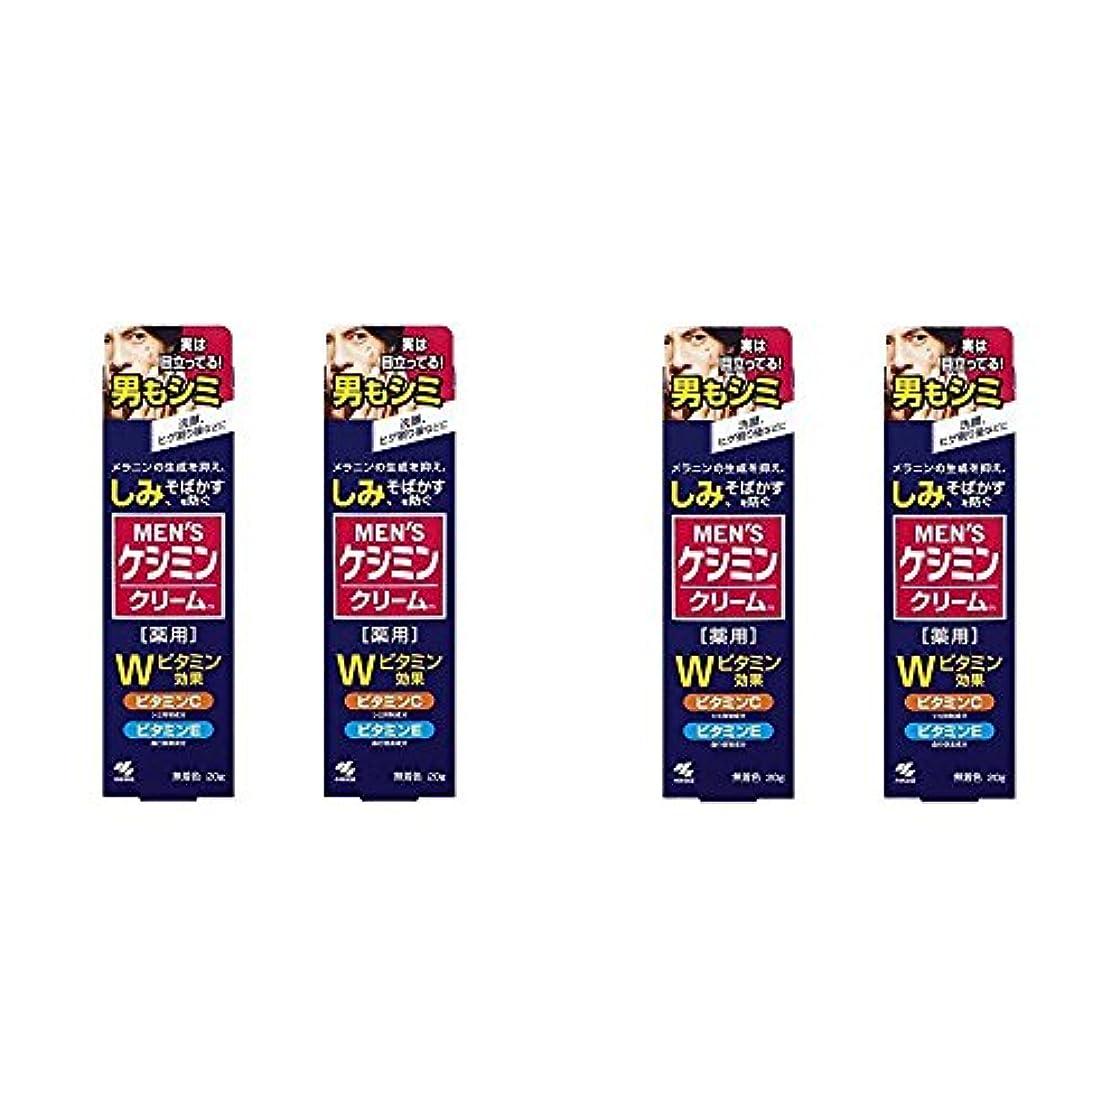 水分最近インディカ【セット品】メンズケシミンクリーム 男のシミ対策 20g (4個)